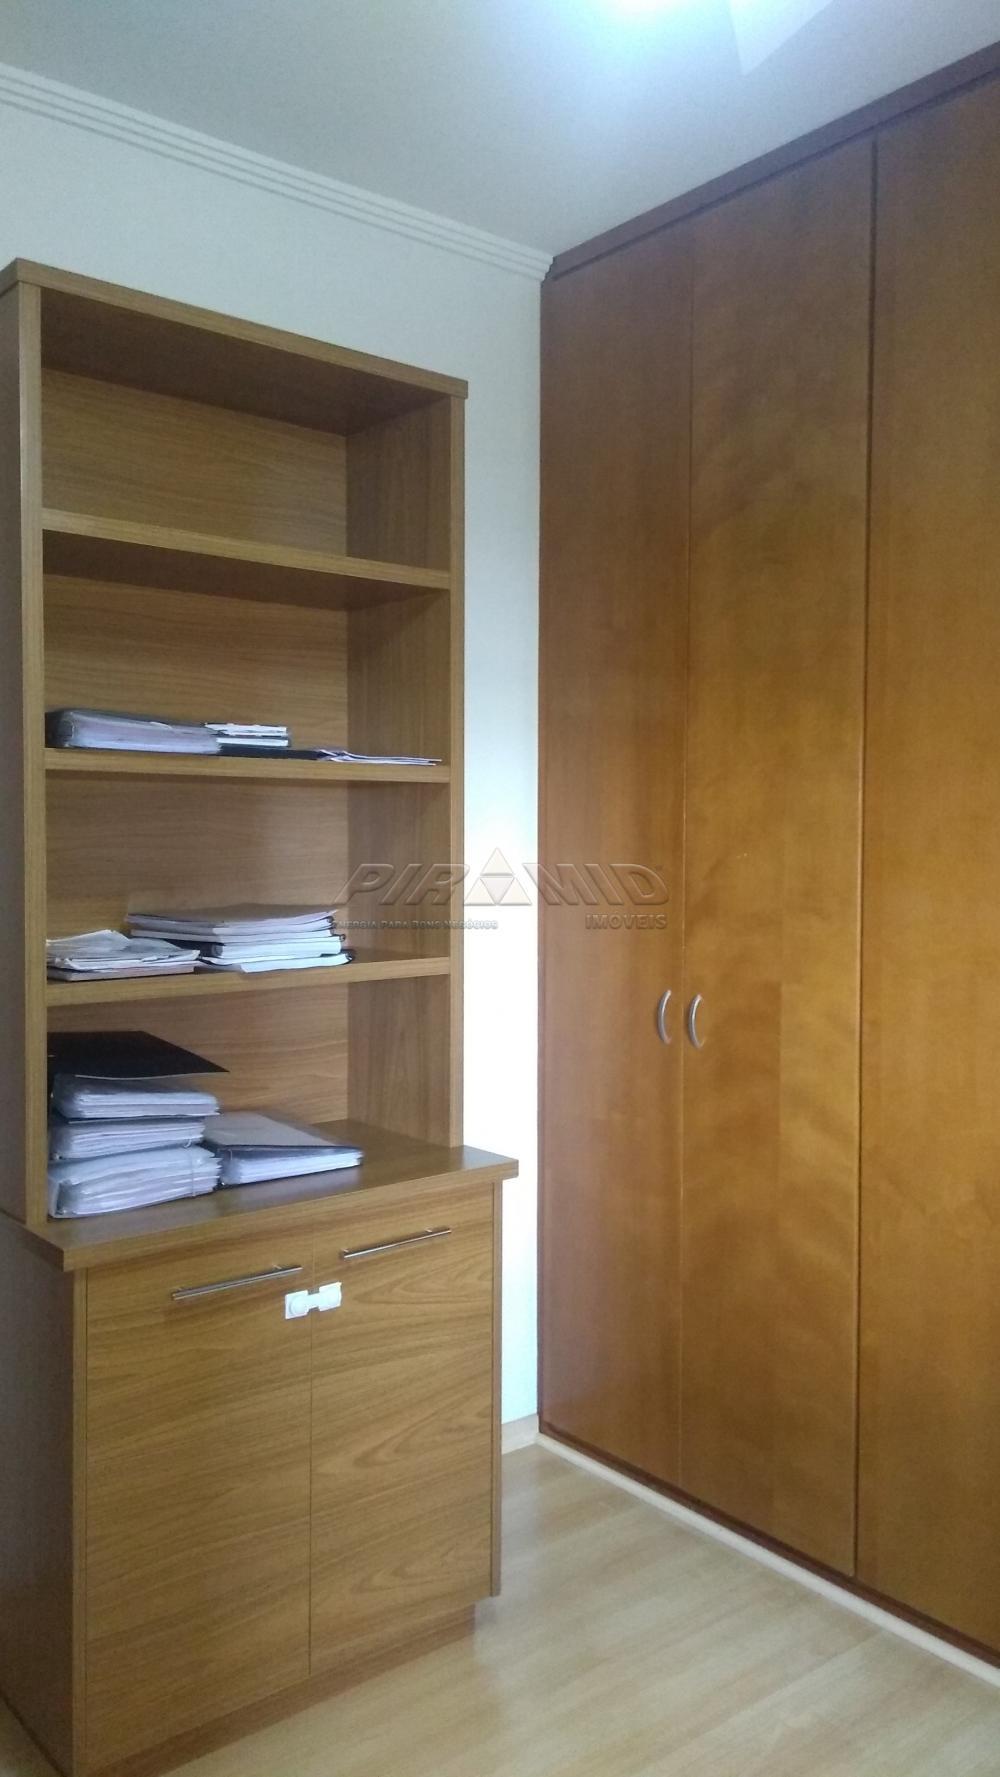 Alugar Apartamento / Padrão em Ribeirão Preto apenas R$ 2.400,00 - Foto 15